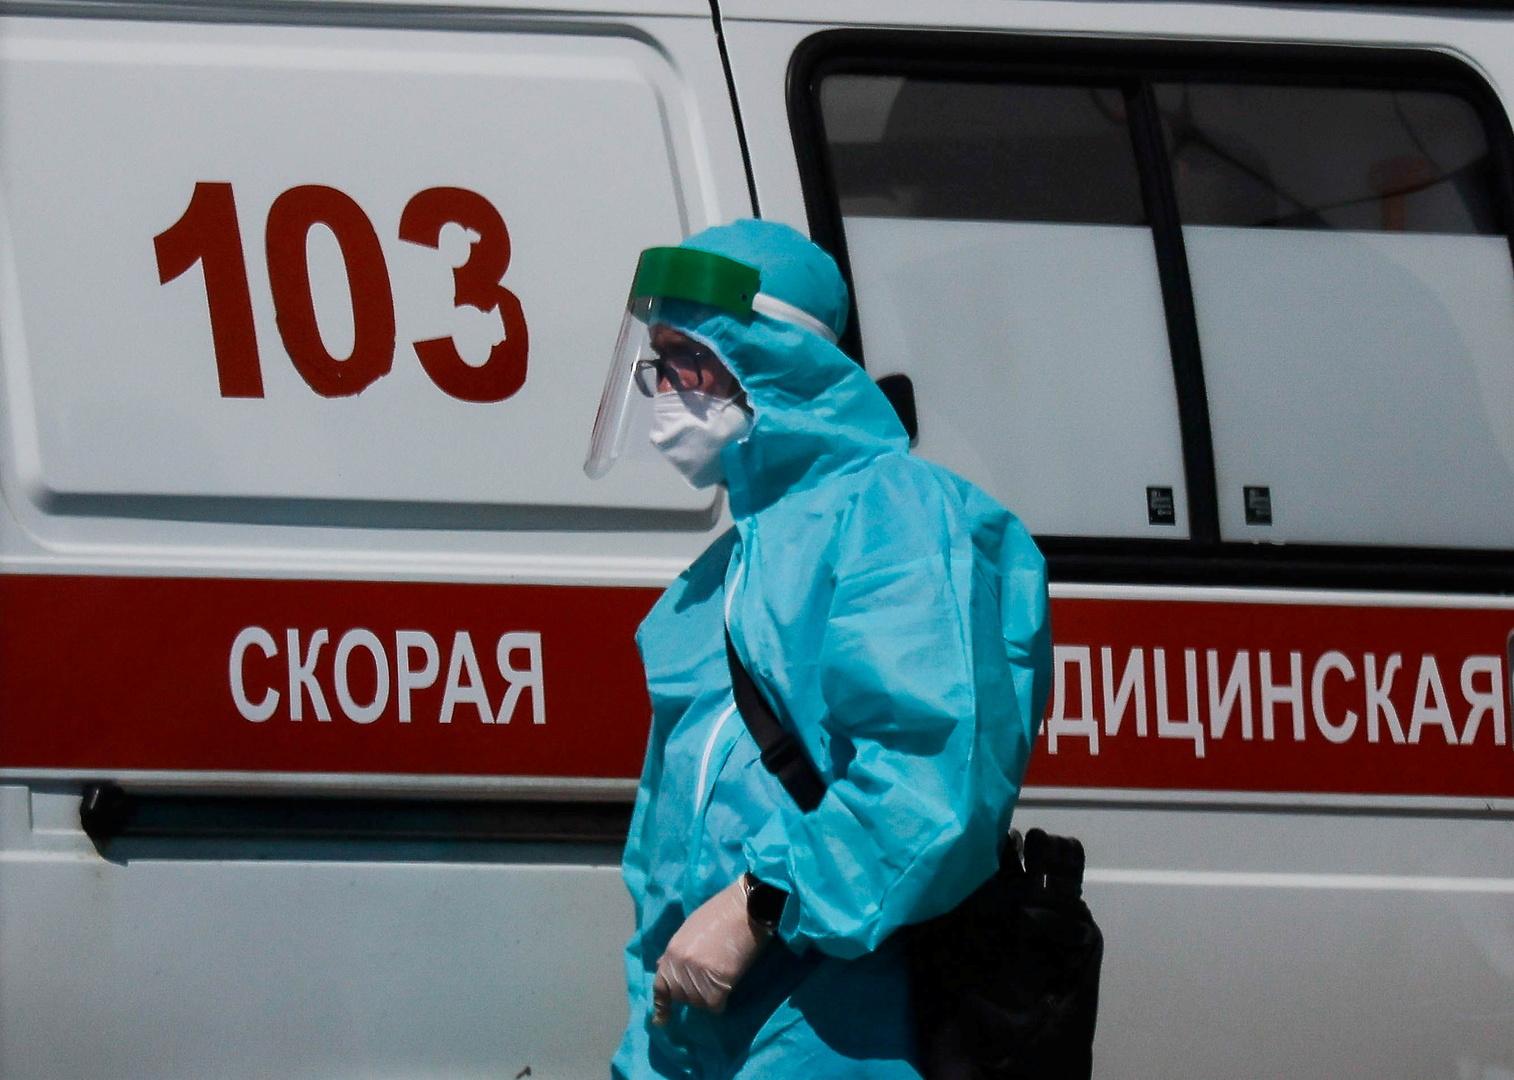 روسيا.. أقل من 19 ألف إصابة بكورونا خلال اليوم الماضي